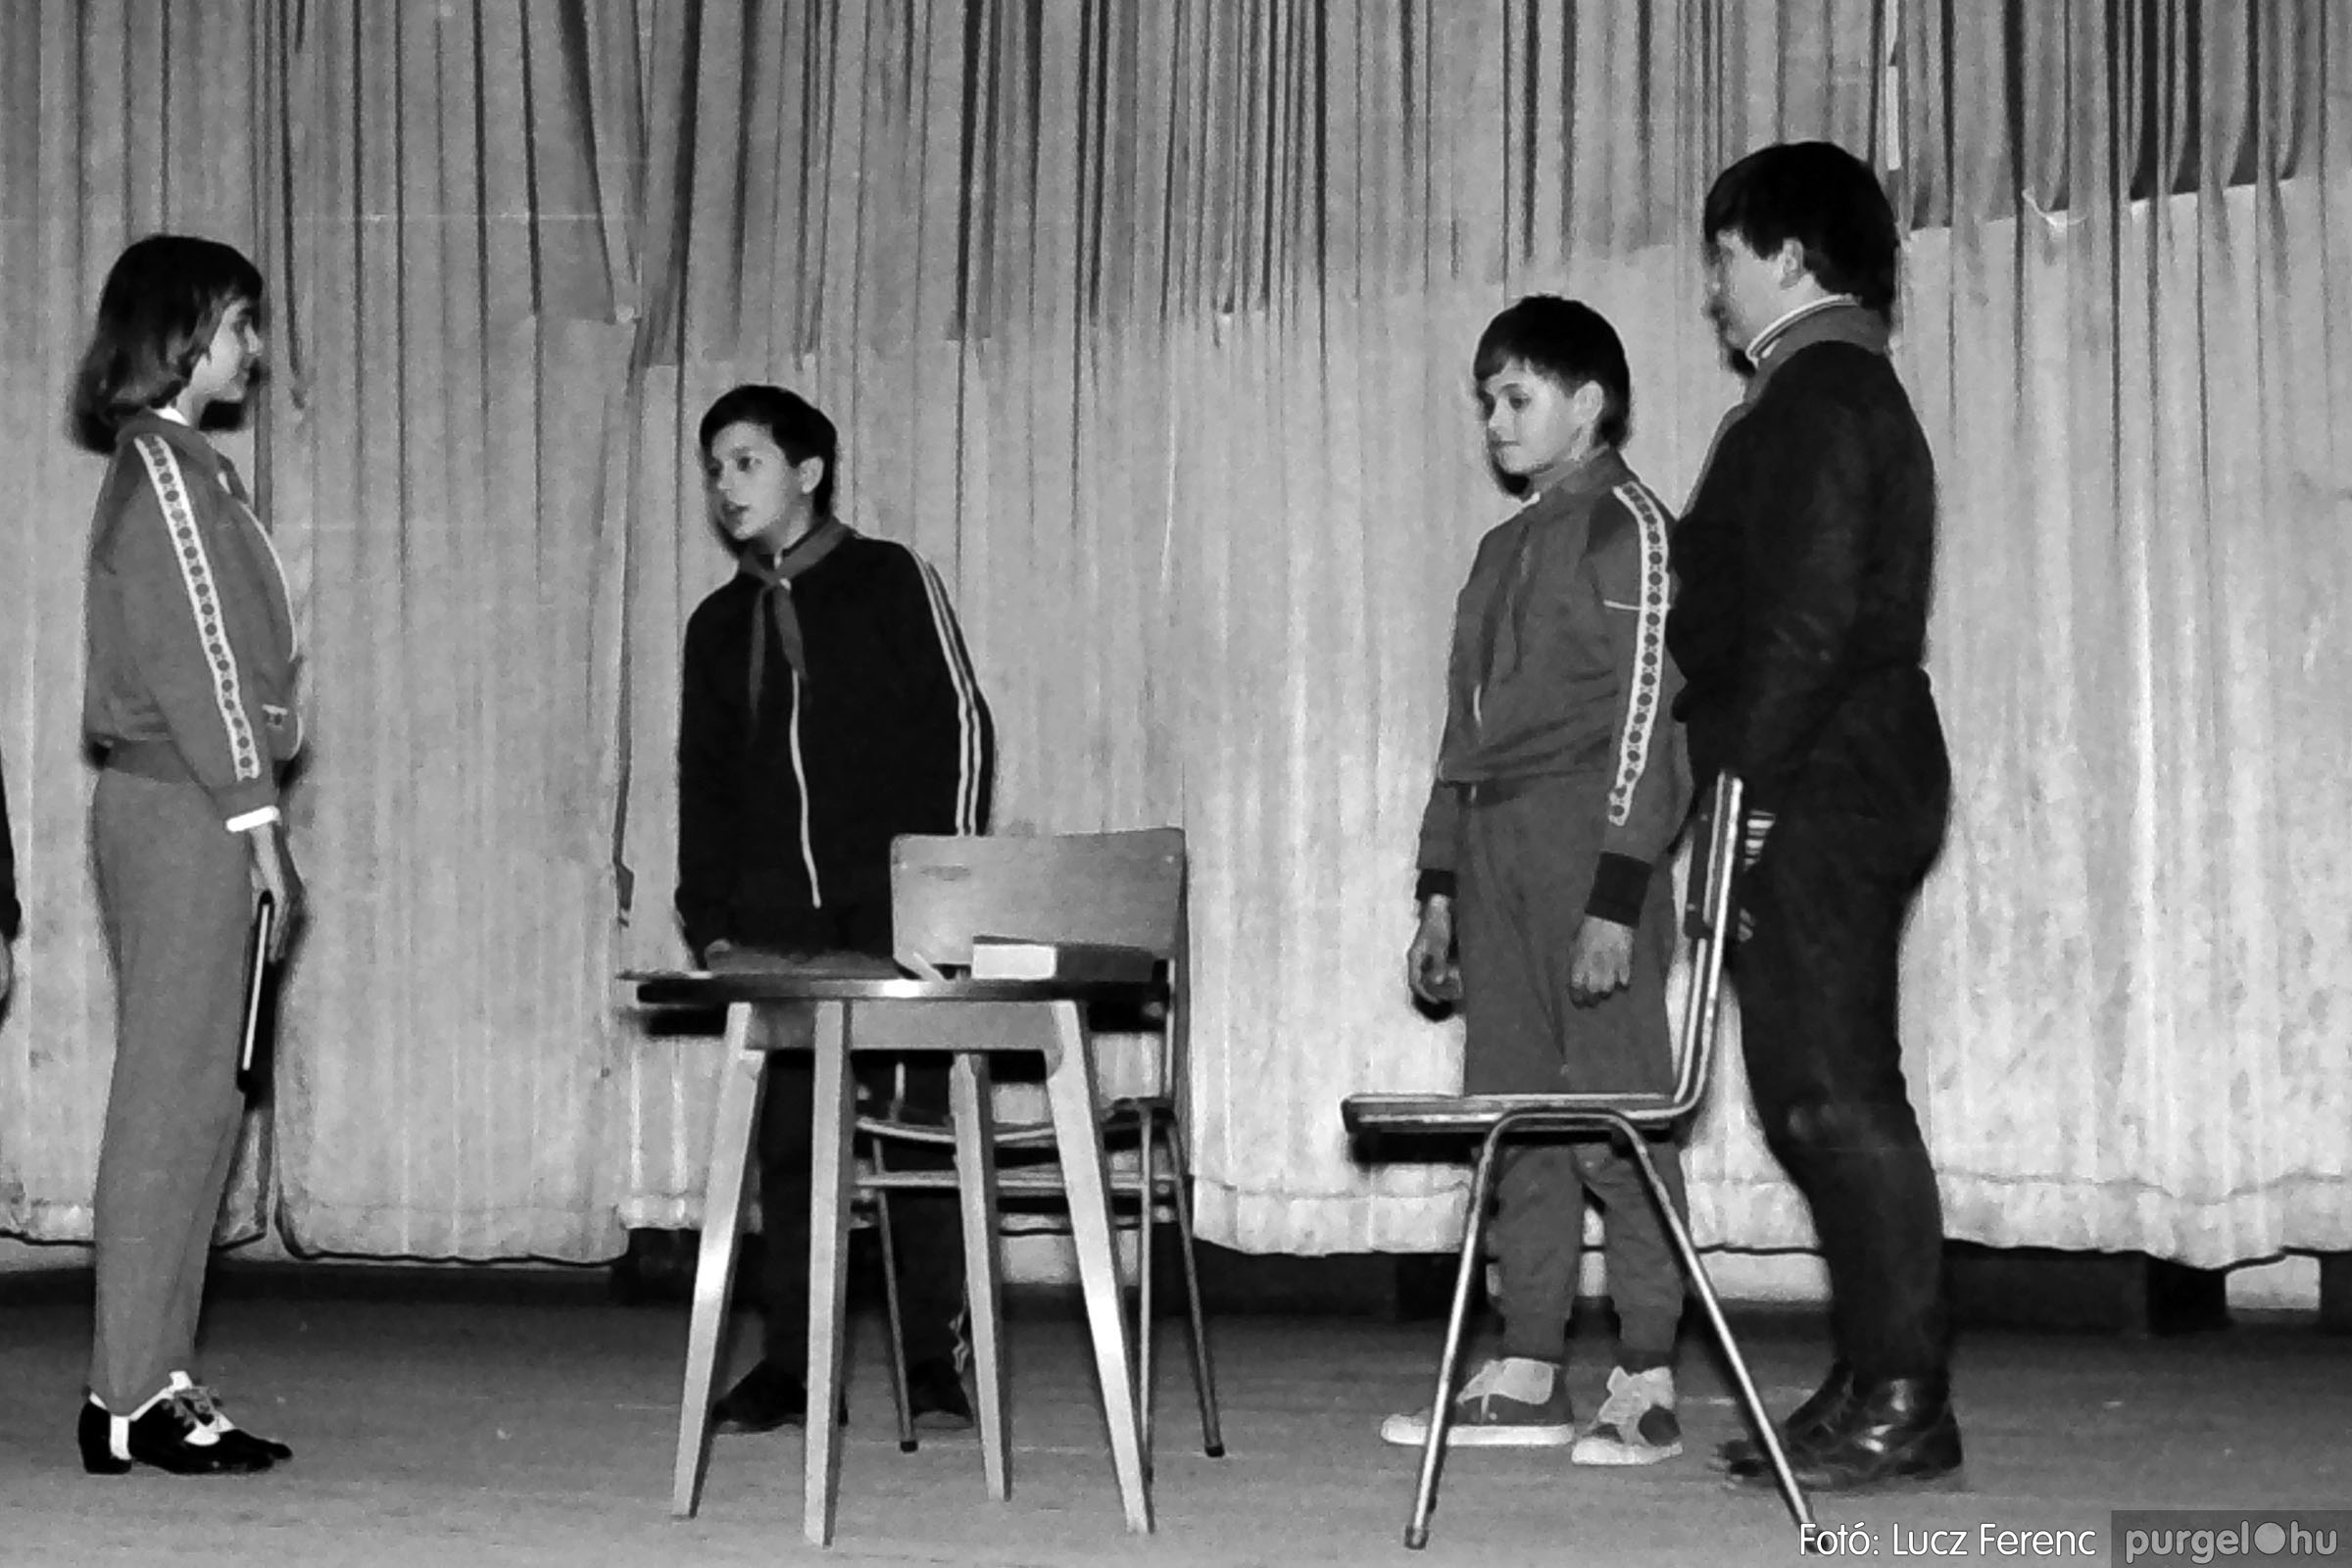 033. 1976. Diákrendezvény a kultúrházban 015 - Fotó: Lucz Ferenc.jpg